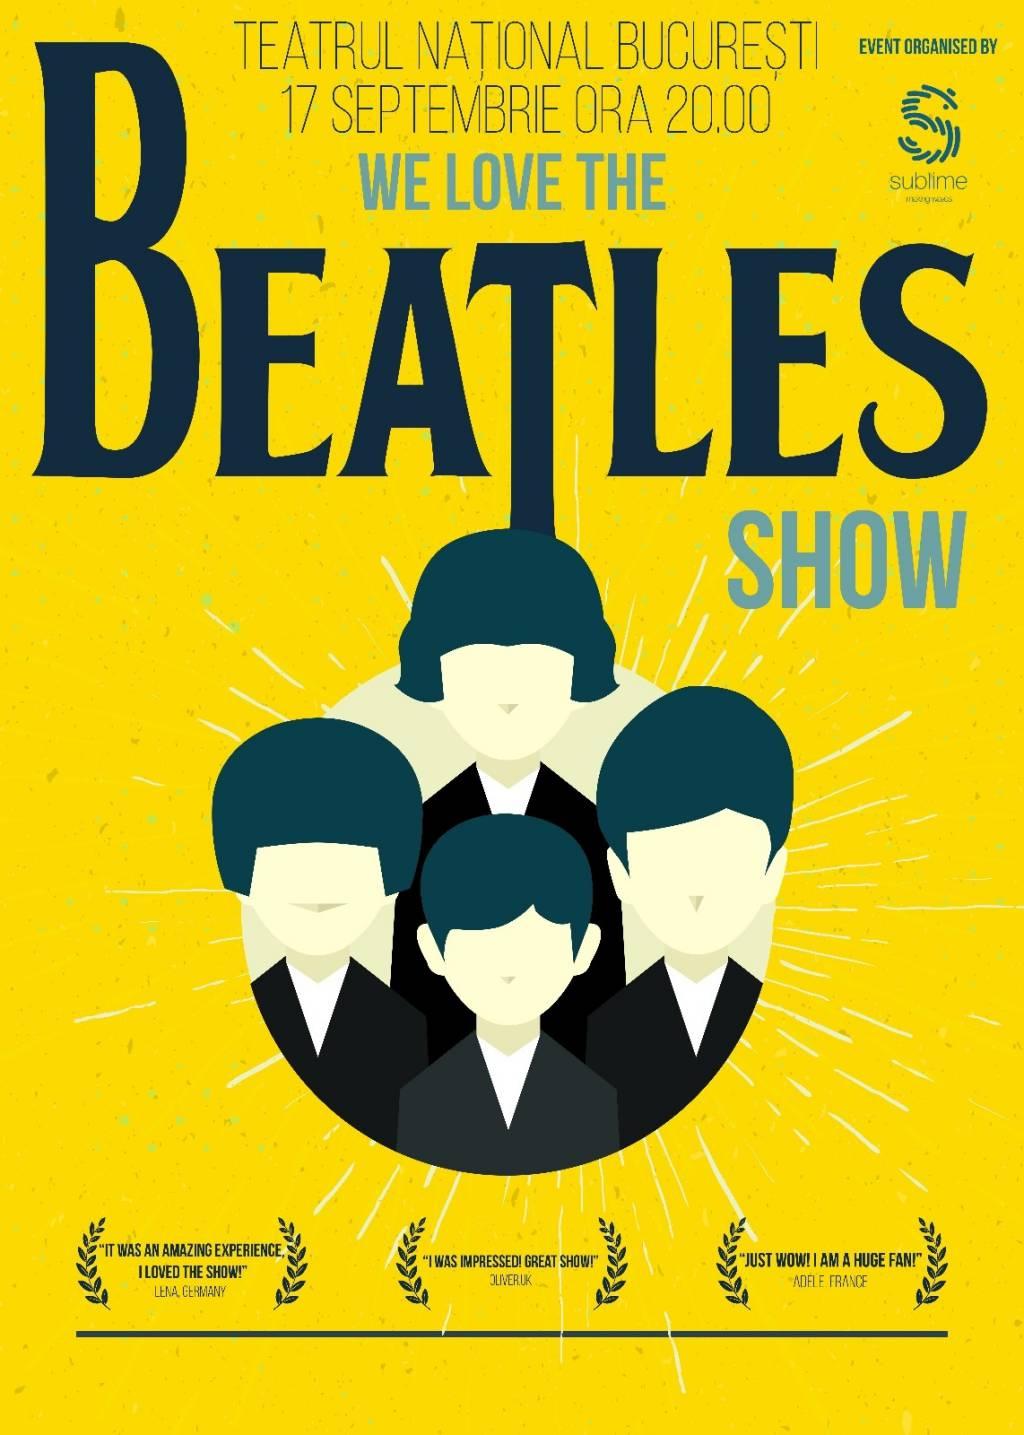 We Love The Beatles Show la Teatrul Naţional București